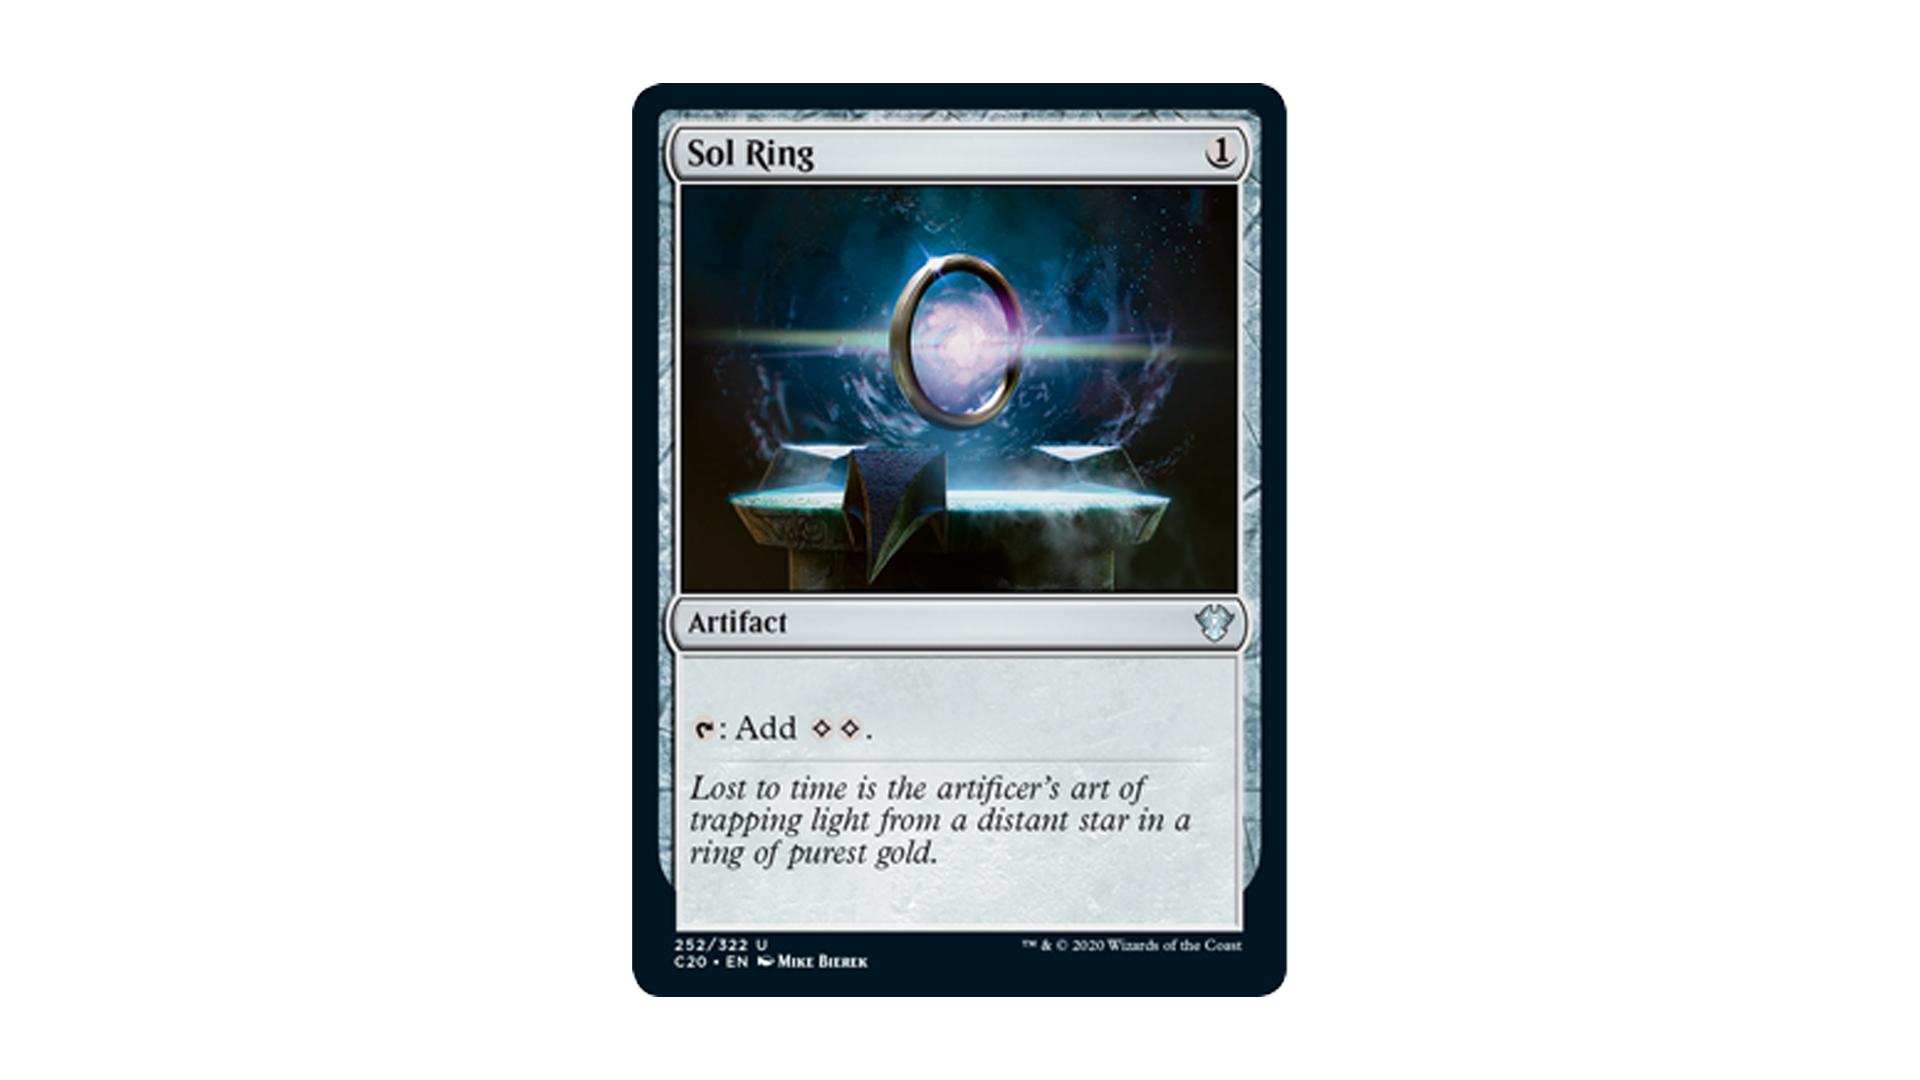 mtg-card-sol-ring.png